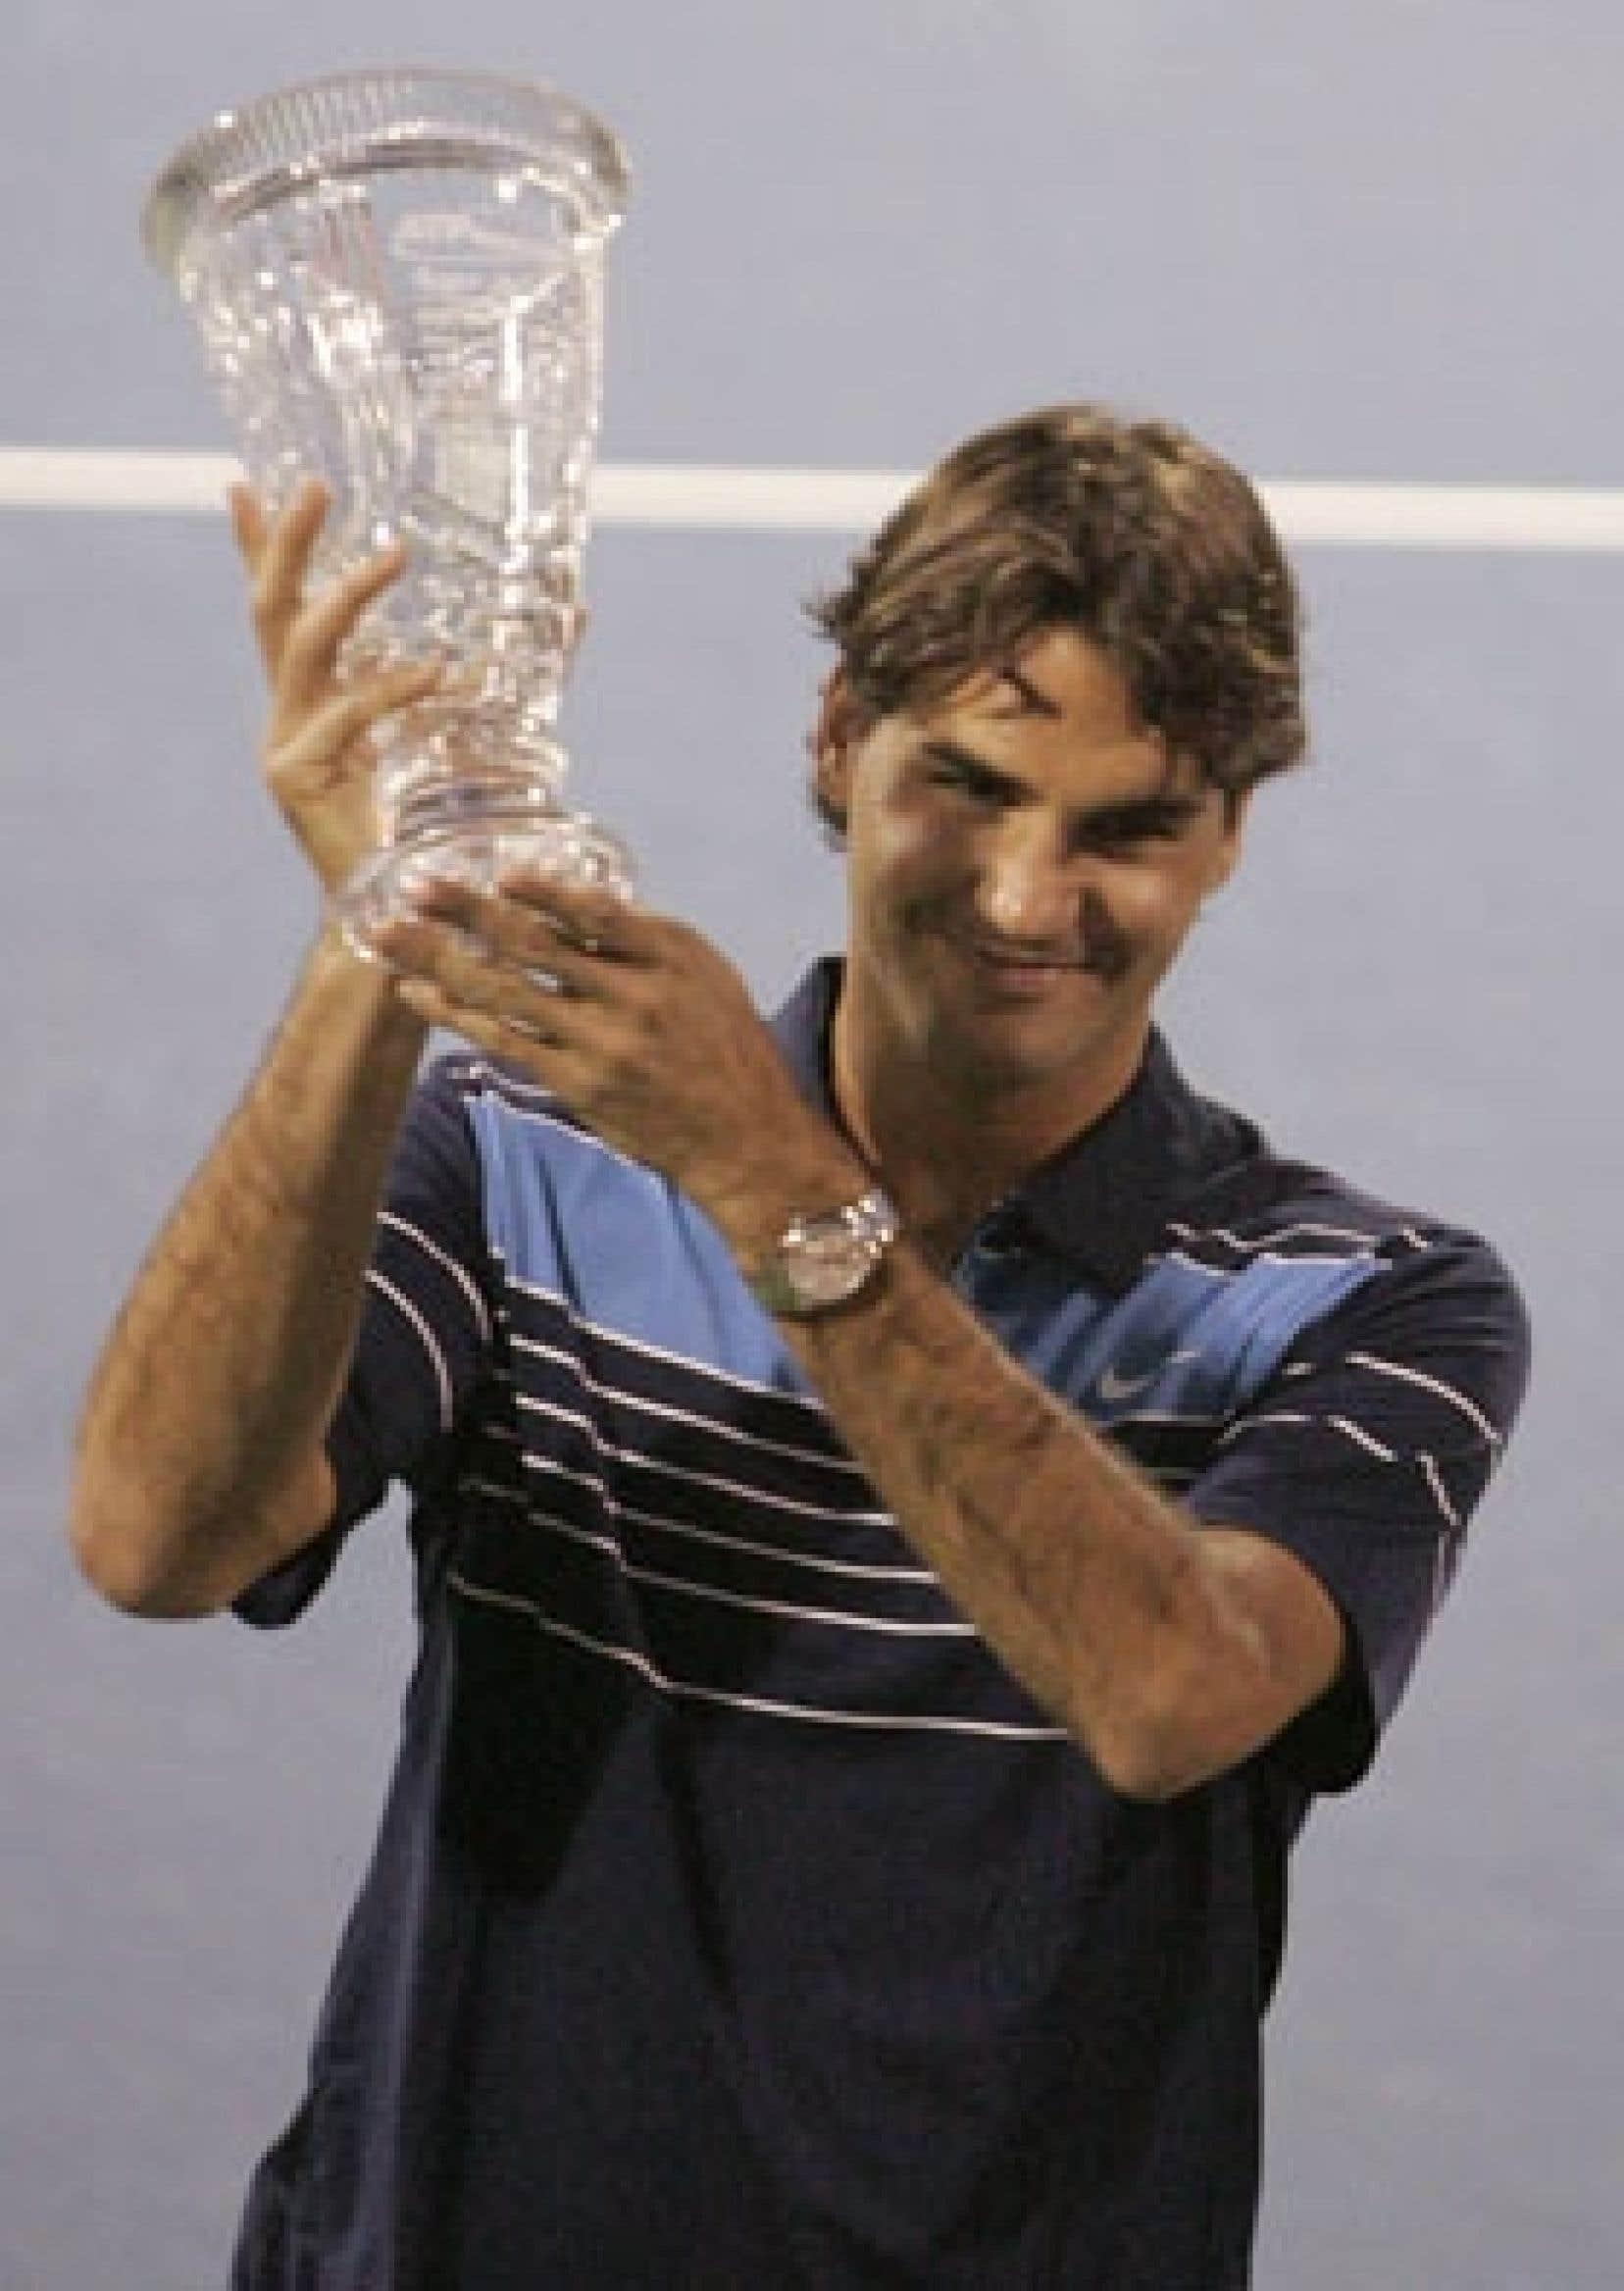 En tête depuis le 4 février 2004, Roger Federer entamait hier sa 161e semaine de suite dans la peau de numéro 1 du tennis.